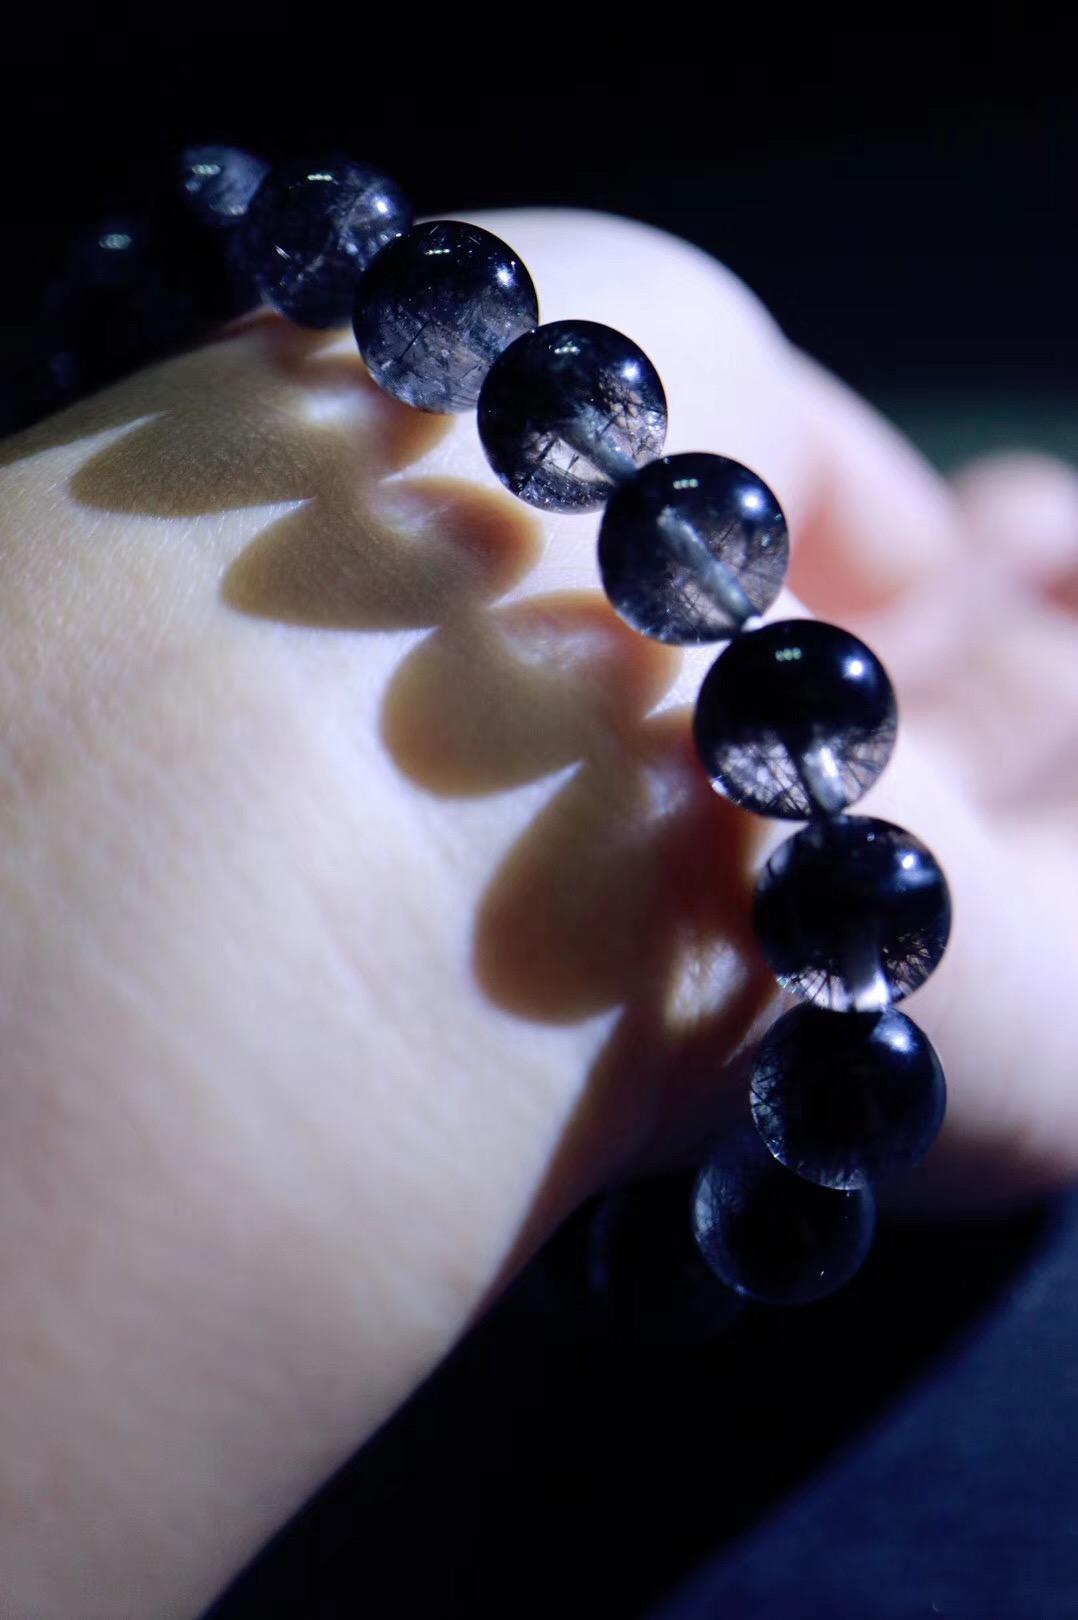 【黑发晶】罕见聚宝盆形状,招财效果更佳-菩心晶舍